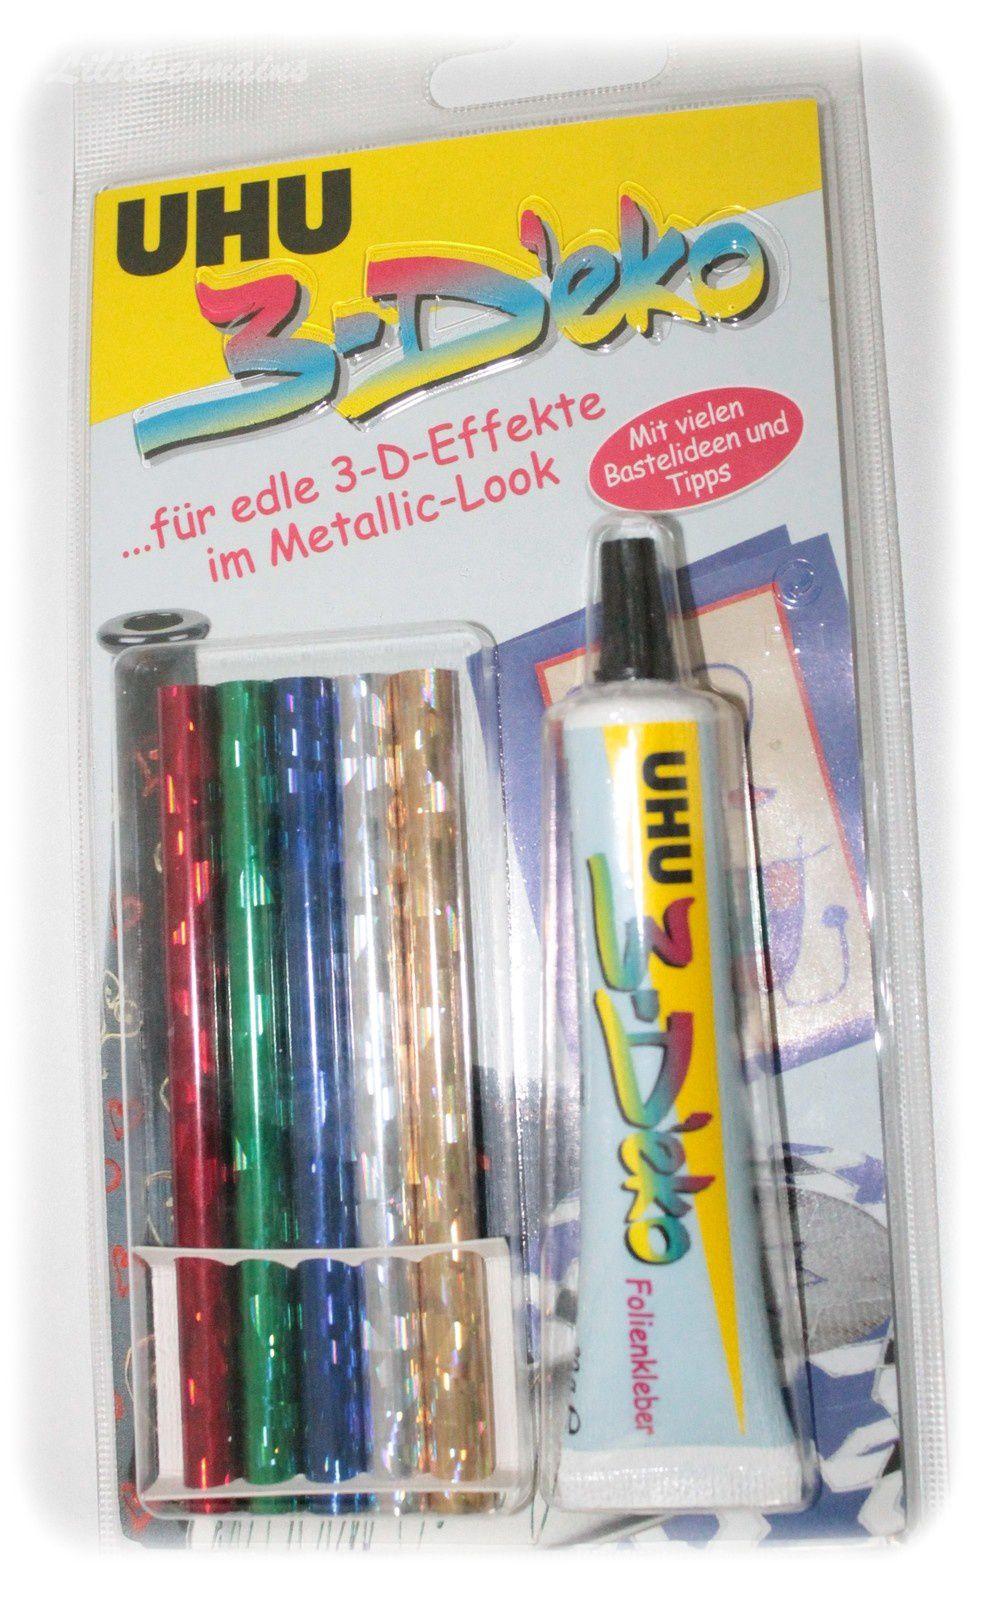 1 kit à foil pour tissus que je testerai sur mes ongles... acheté 1€ àAllerlei (Saarbrucken - Allemagne)